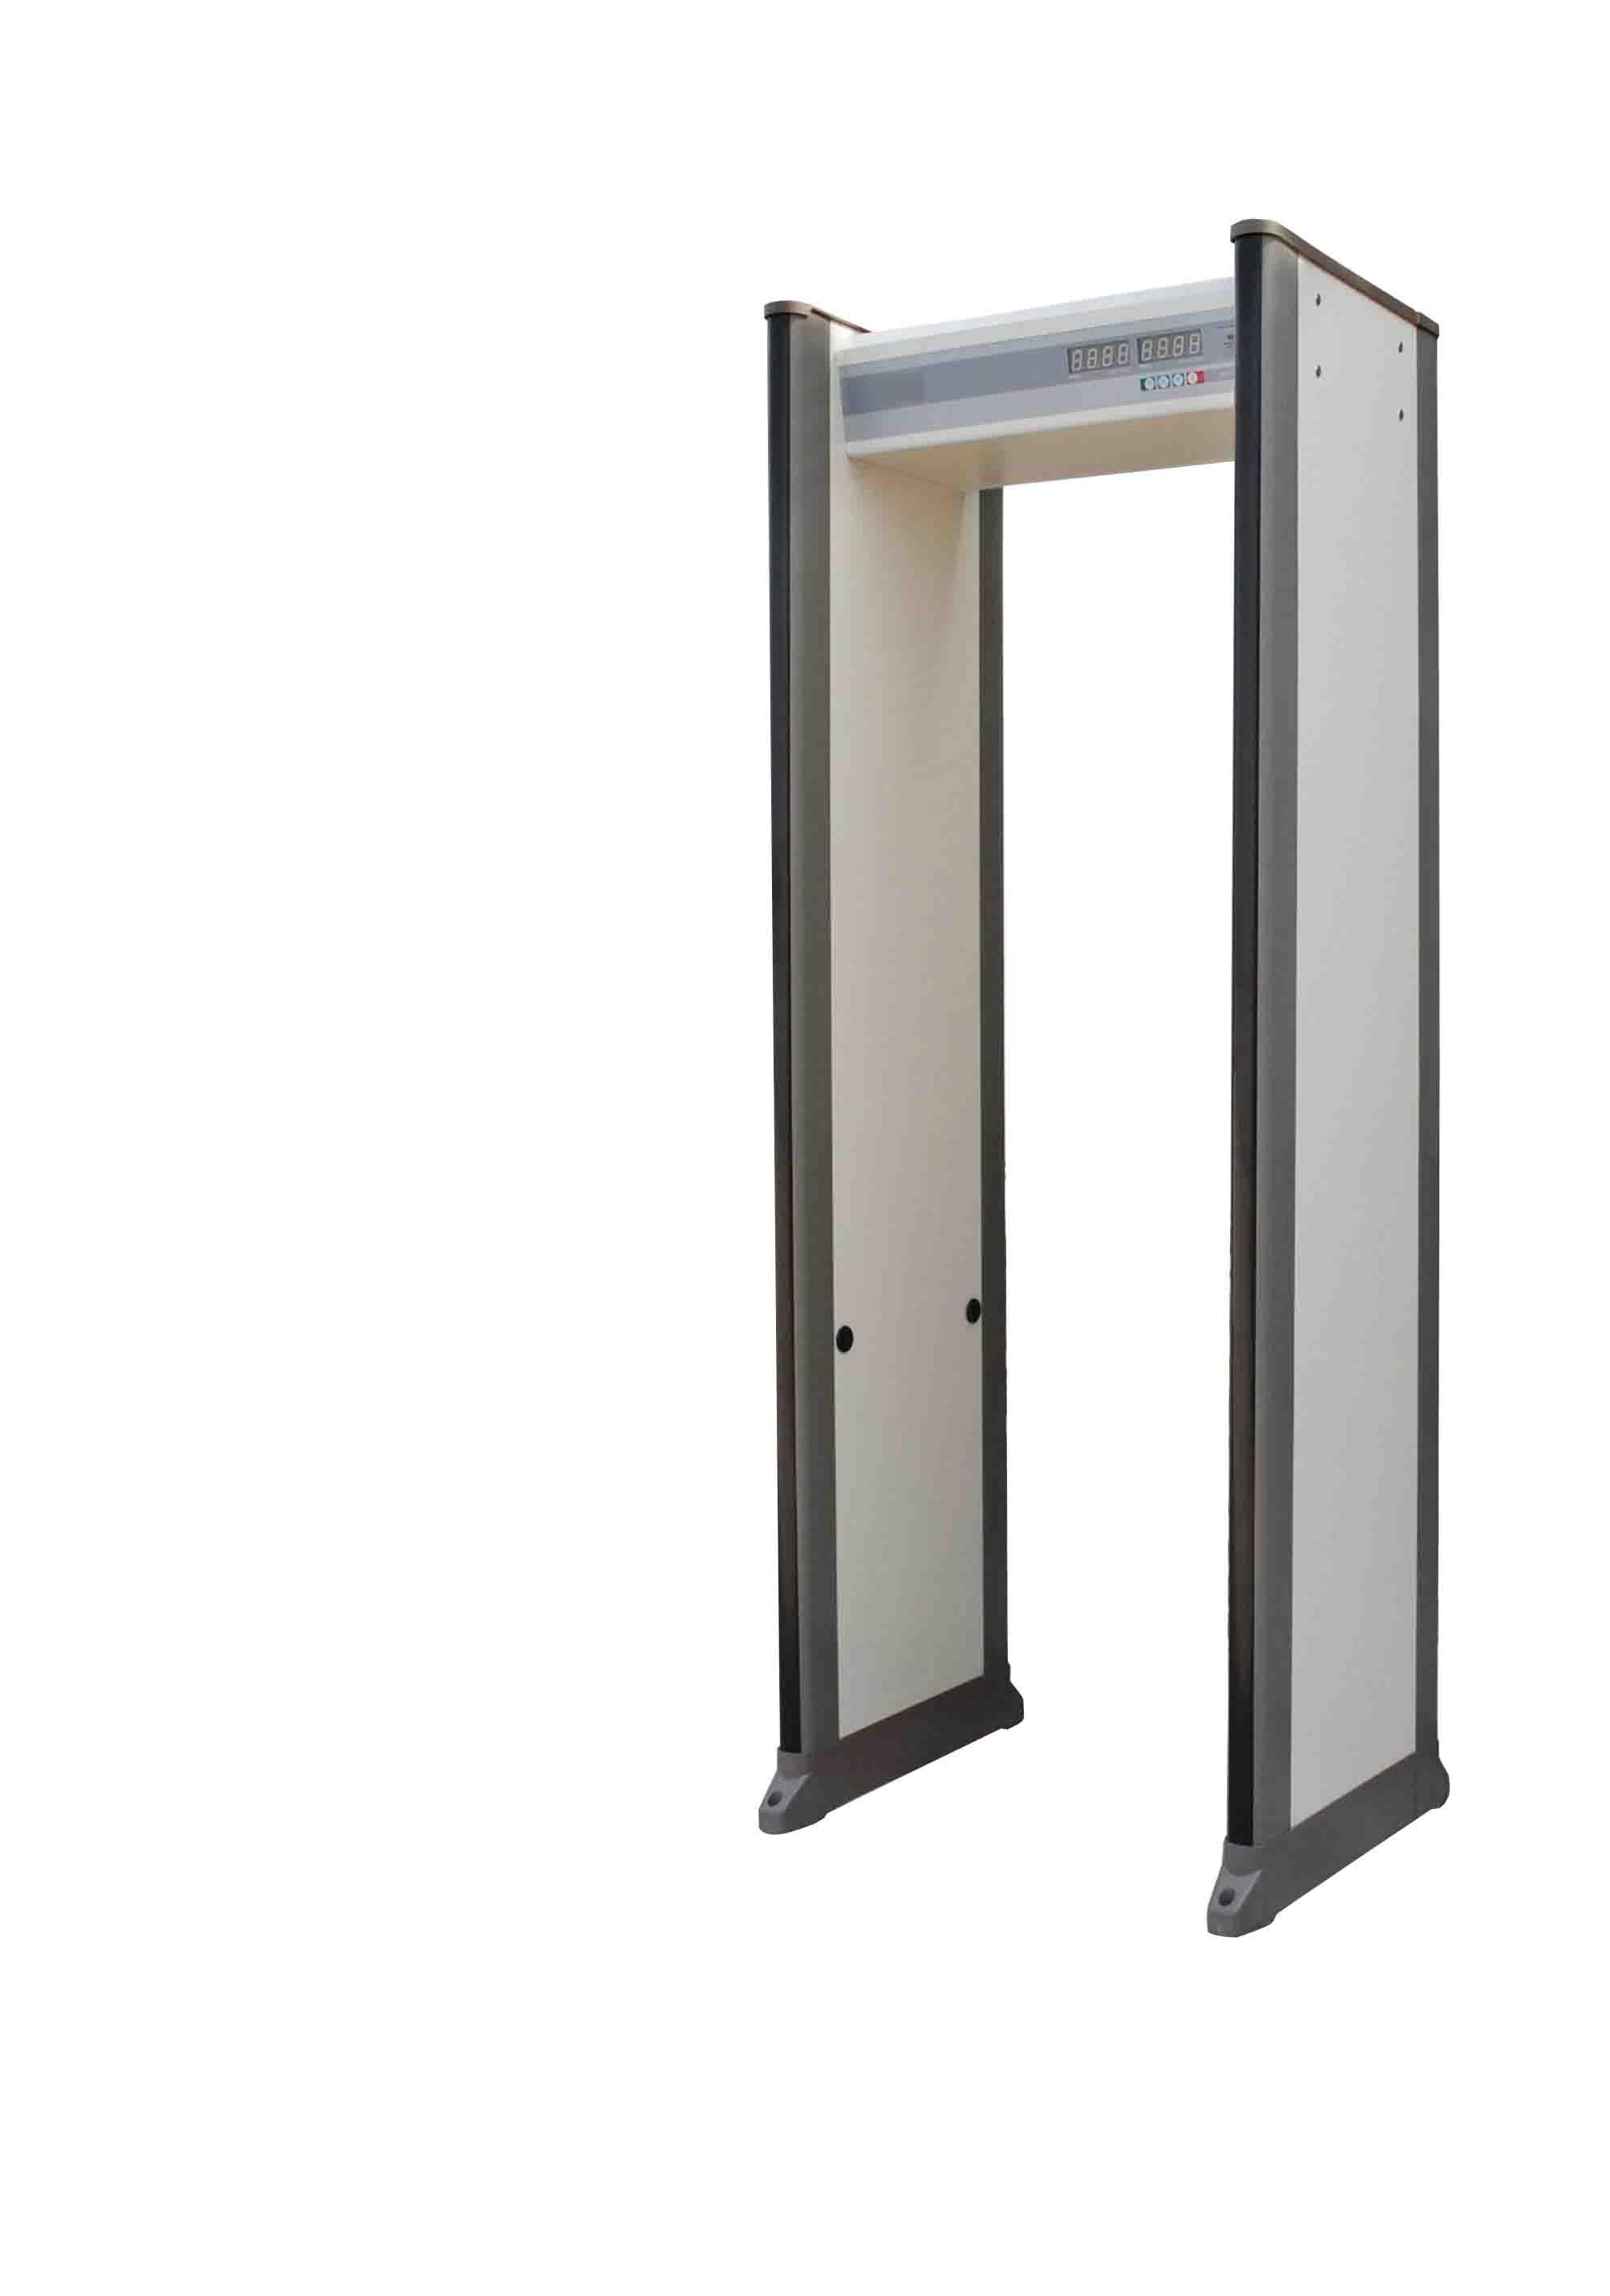 艾崴IWILL-AN25624B通过式金属探测安检门